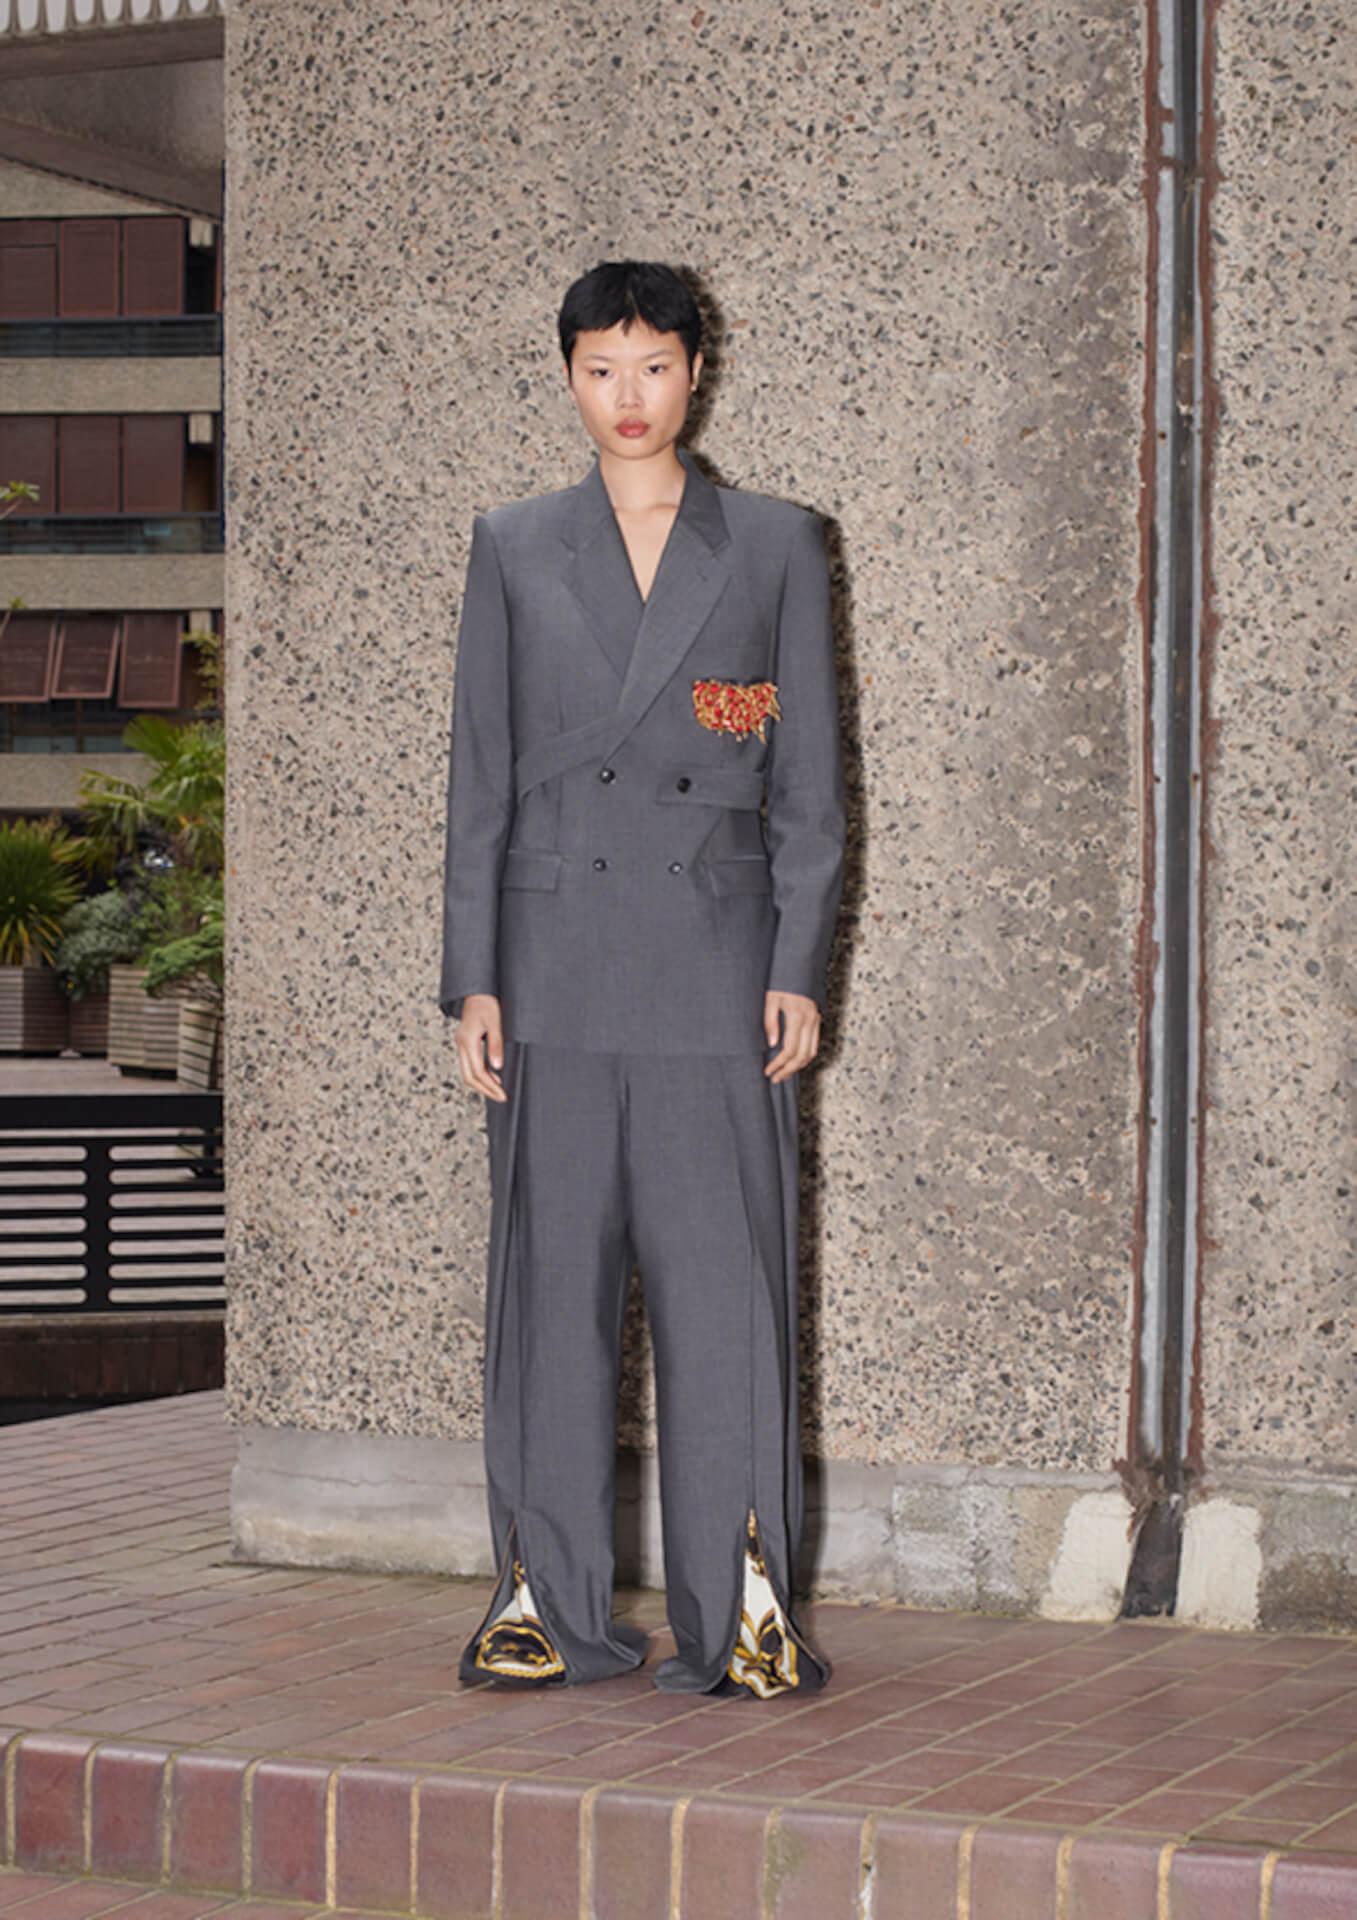 H&Mが日本のカルト的人気ブランドTOGAとのコラボレーションを発表!9月2日に販売開始 Fation210610_TOGA2